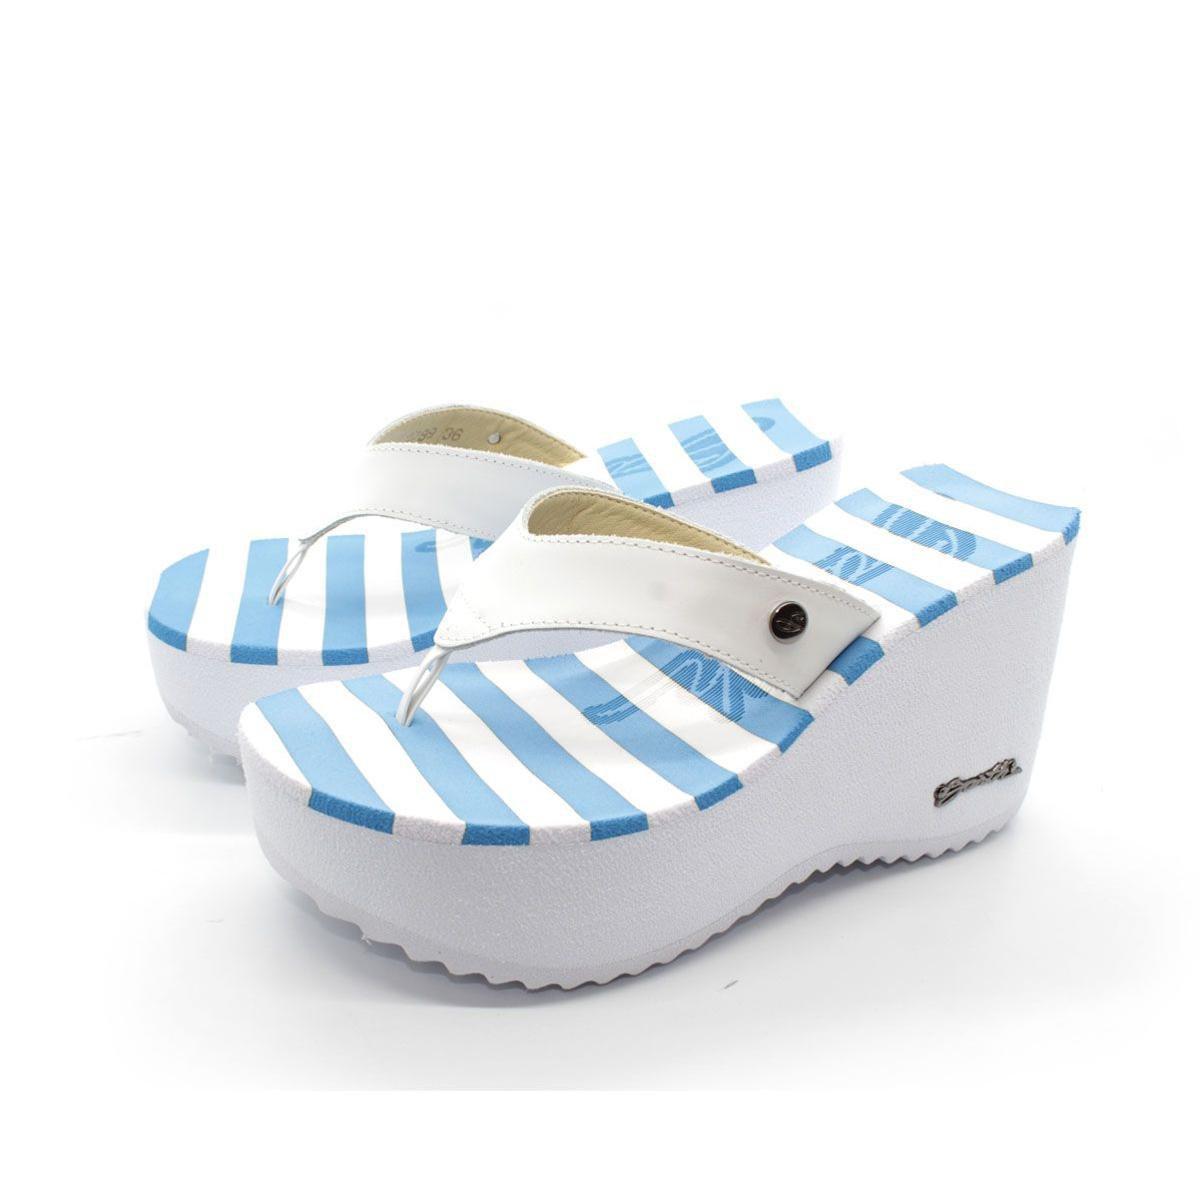 253745c012 Tamanco Sorvete Barth Shoes Listras - Azul e Branco - Compre Agora ...